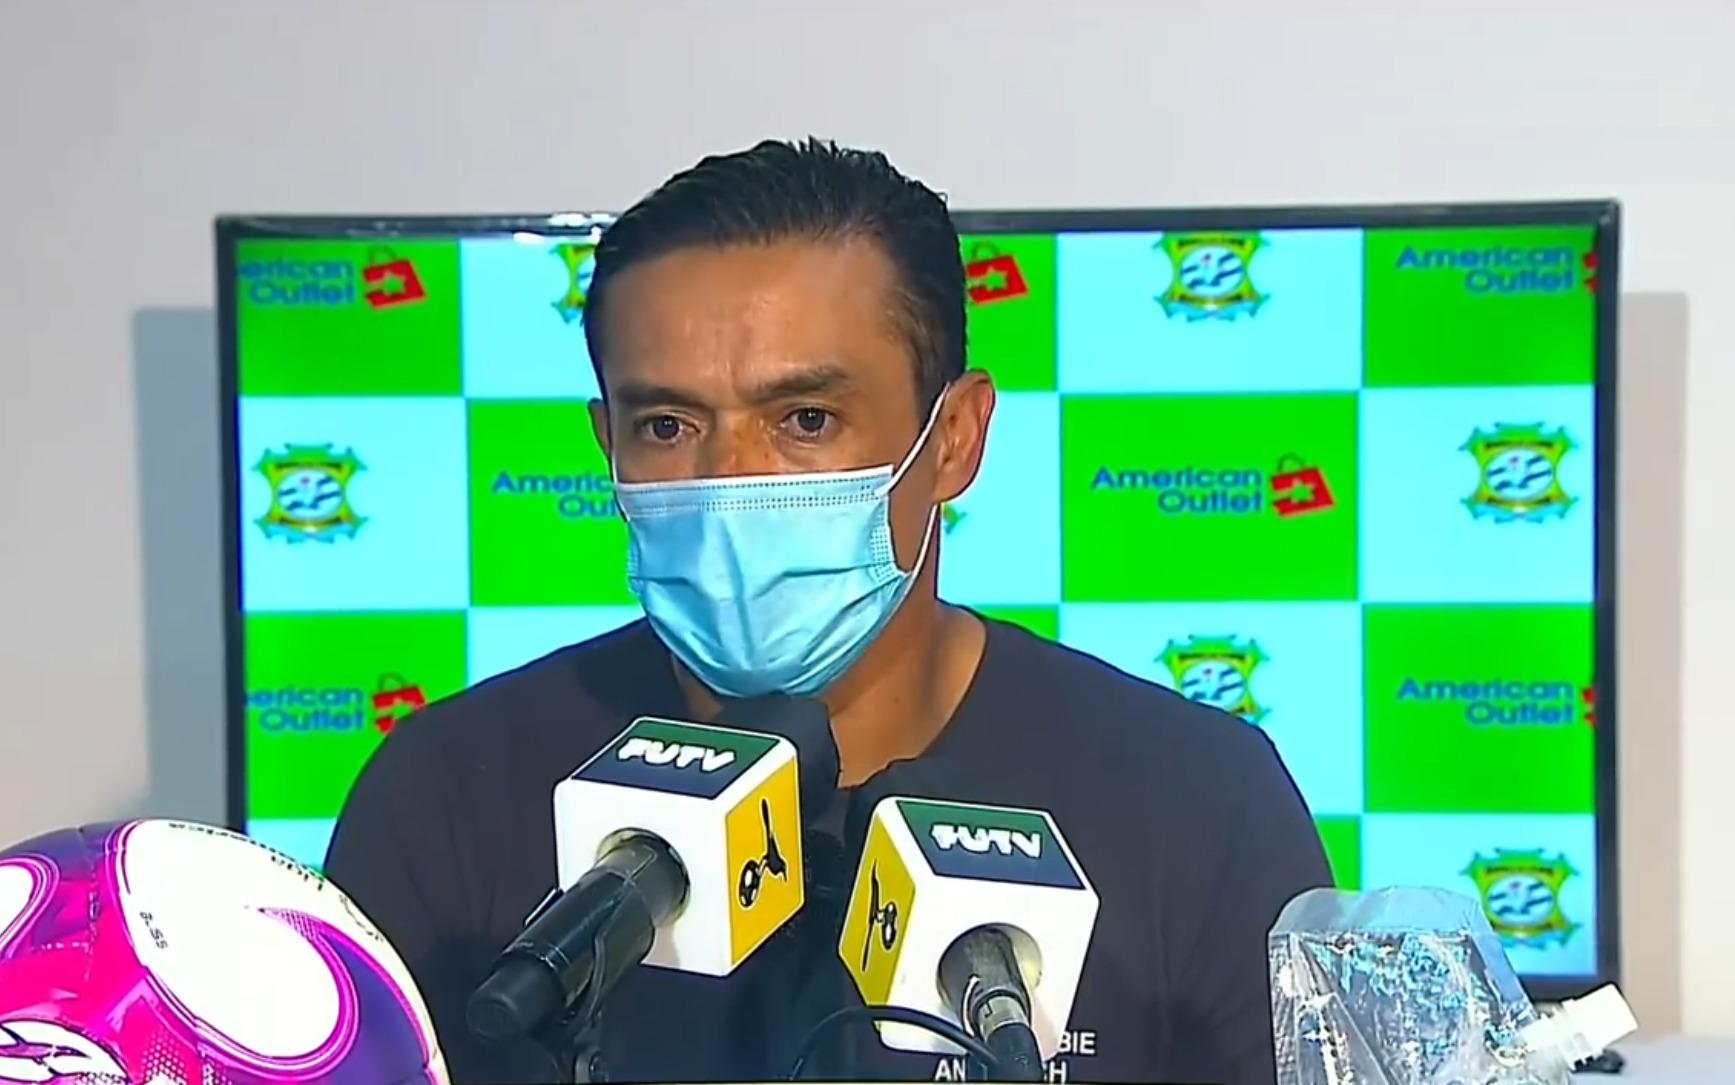 """Walter Centeno: """"Le dije a los muchachos que no podemos perder 3 partidos en el campeonato si queremos ser campeones y ya cumplimos la cuota""""."""